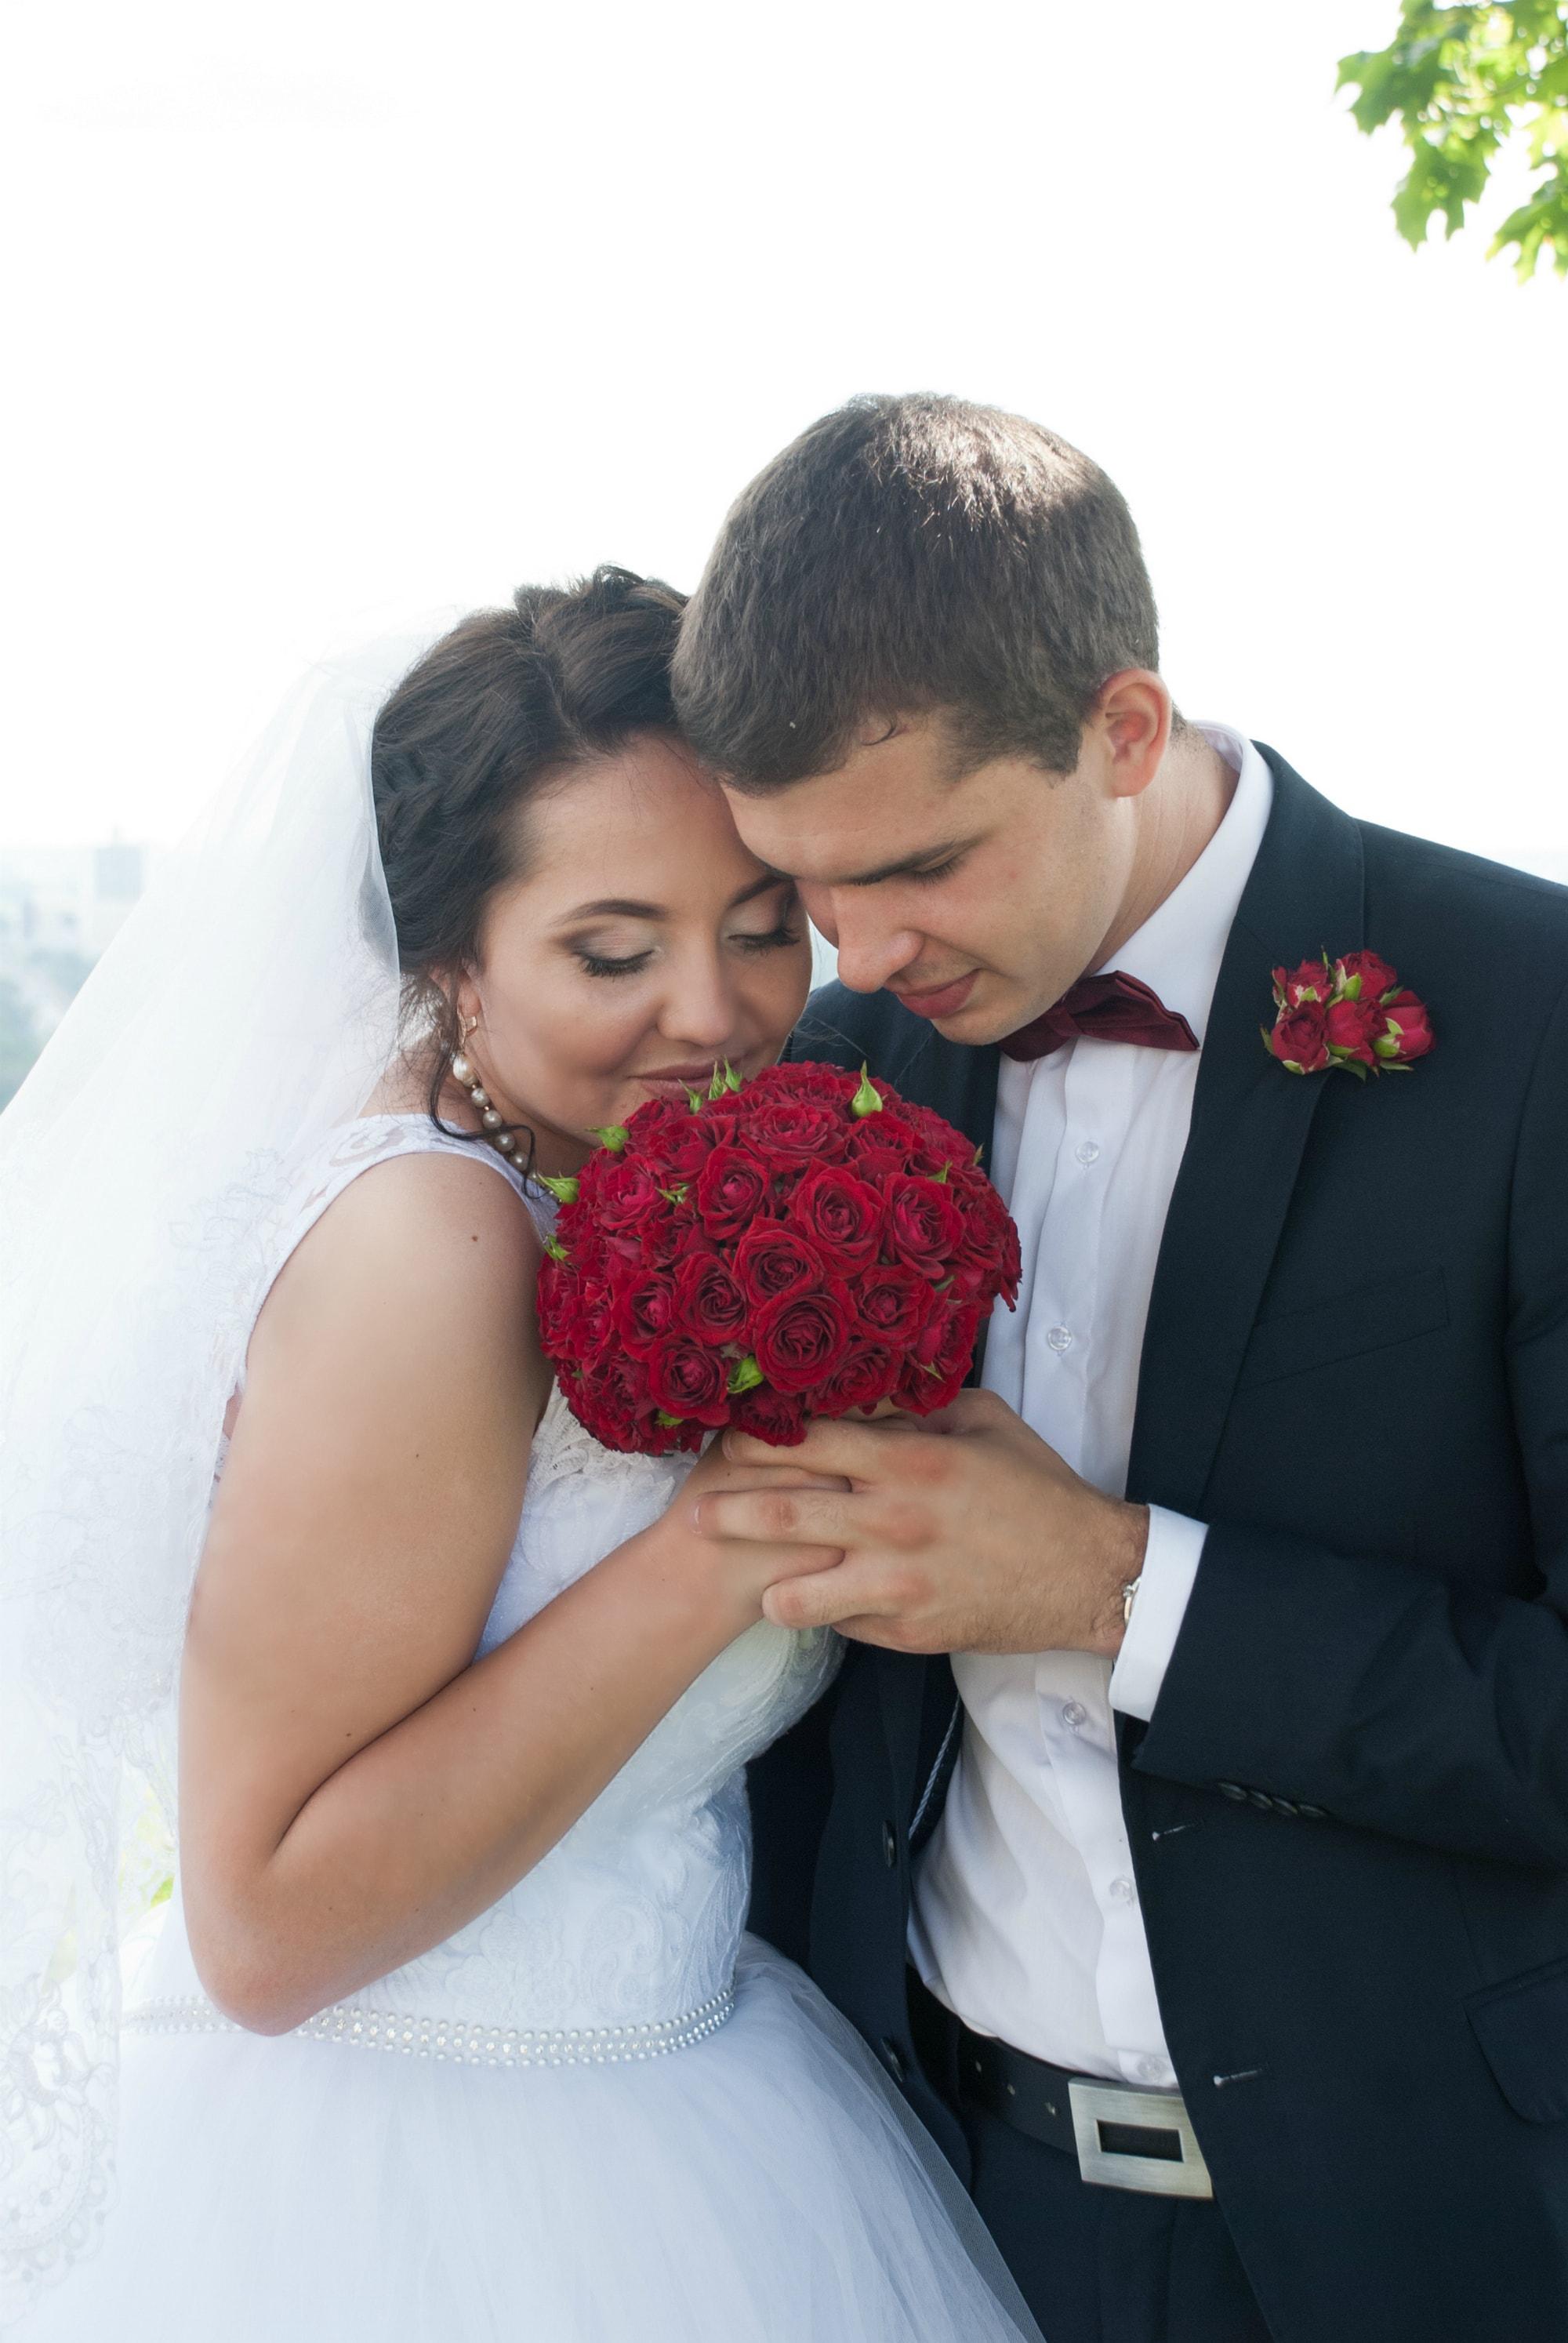 Молодожены со свадебным букетом - Фотограф Киев - Женя Лайт